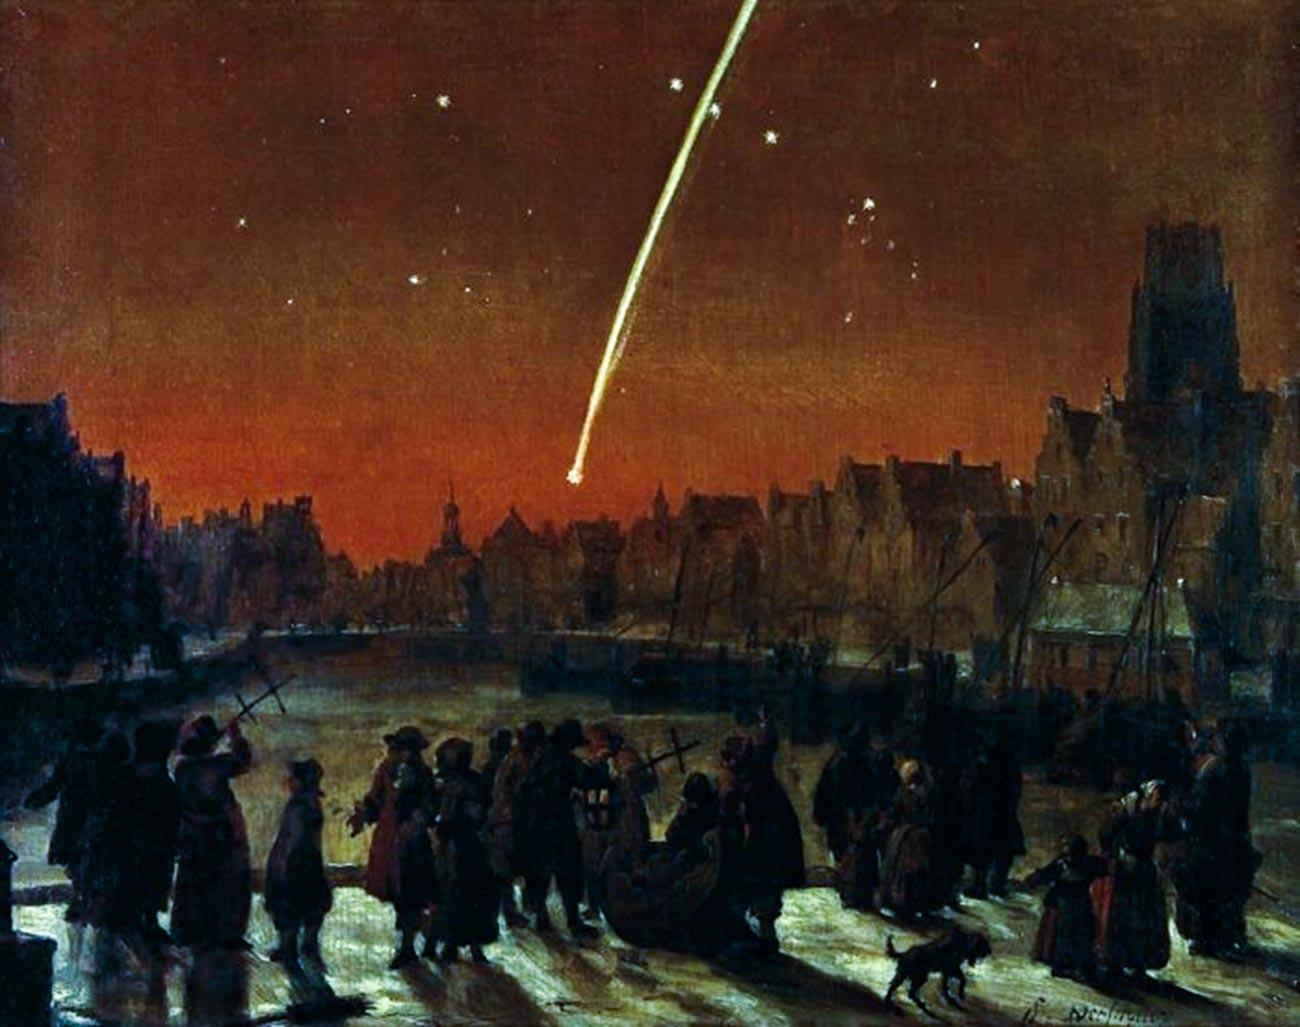 La Grande comète de 1680 au-dessus de Rotterdam par le peintre néerlandais Lieve Verschuier